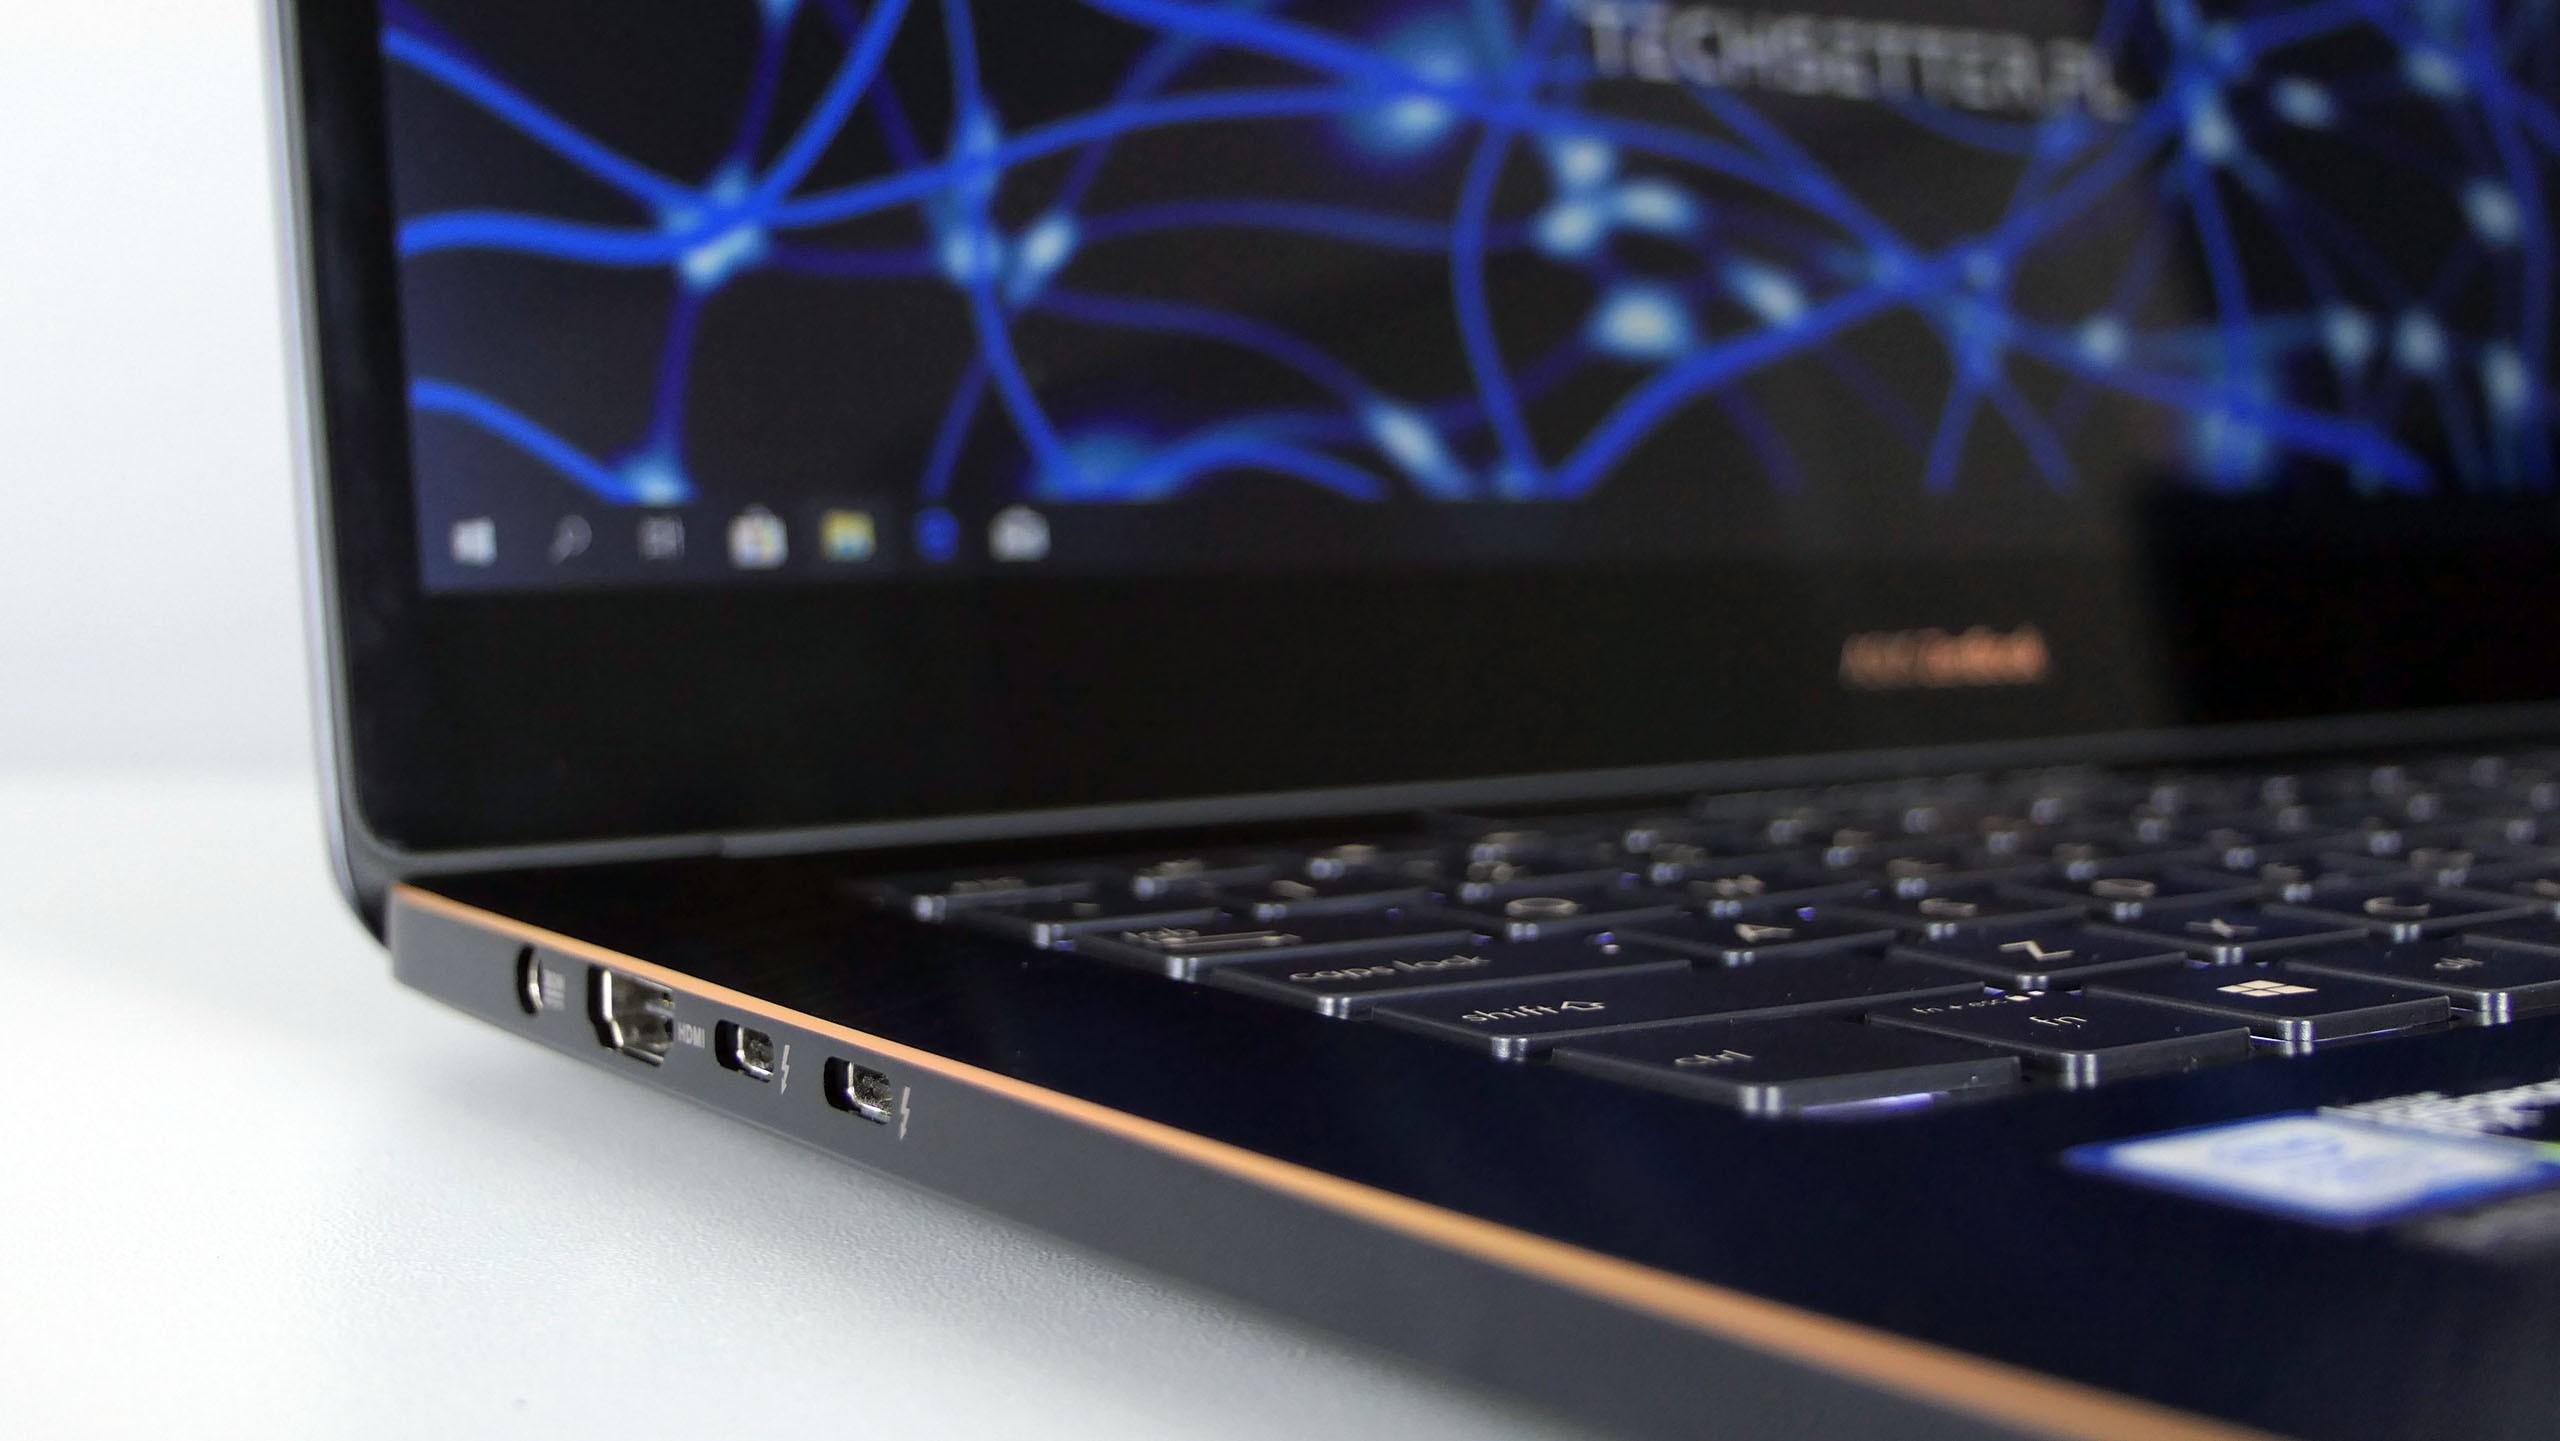 Asus ZenBook Pro 15 - porty z lewej strony: zasilanie, HDMI, 2x Thunderbolt 3